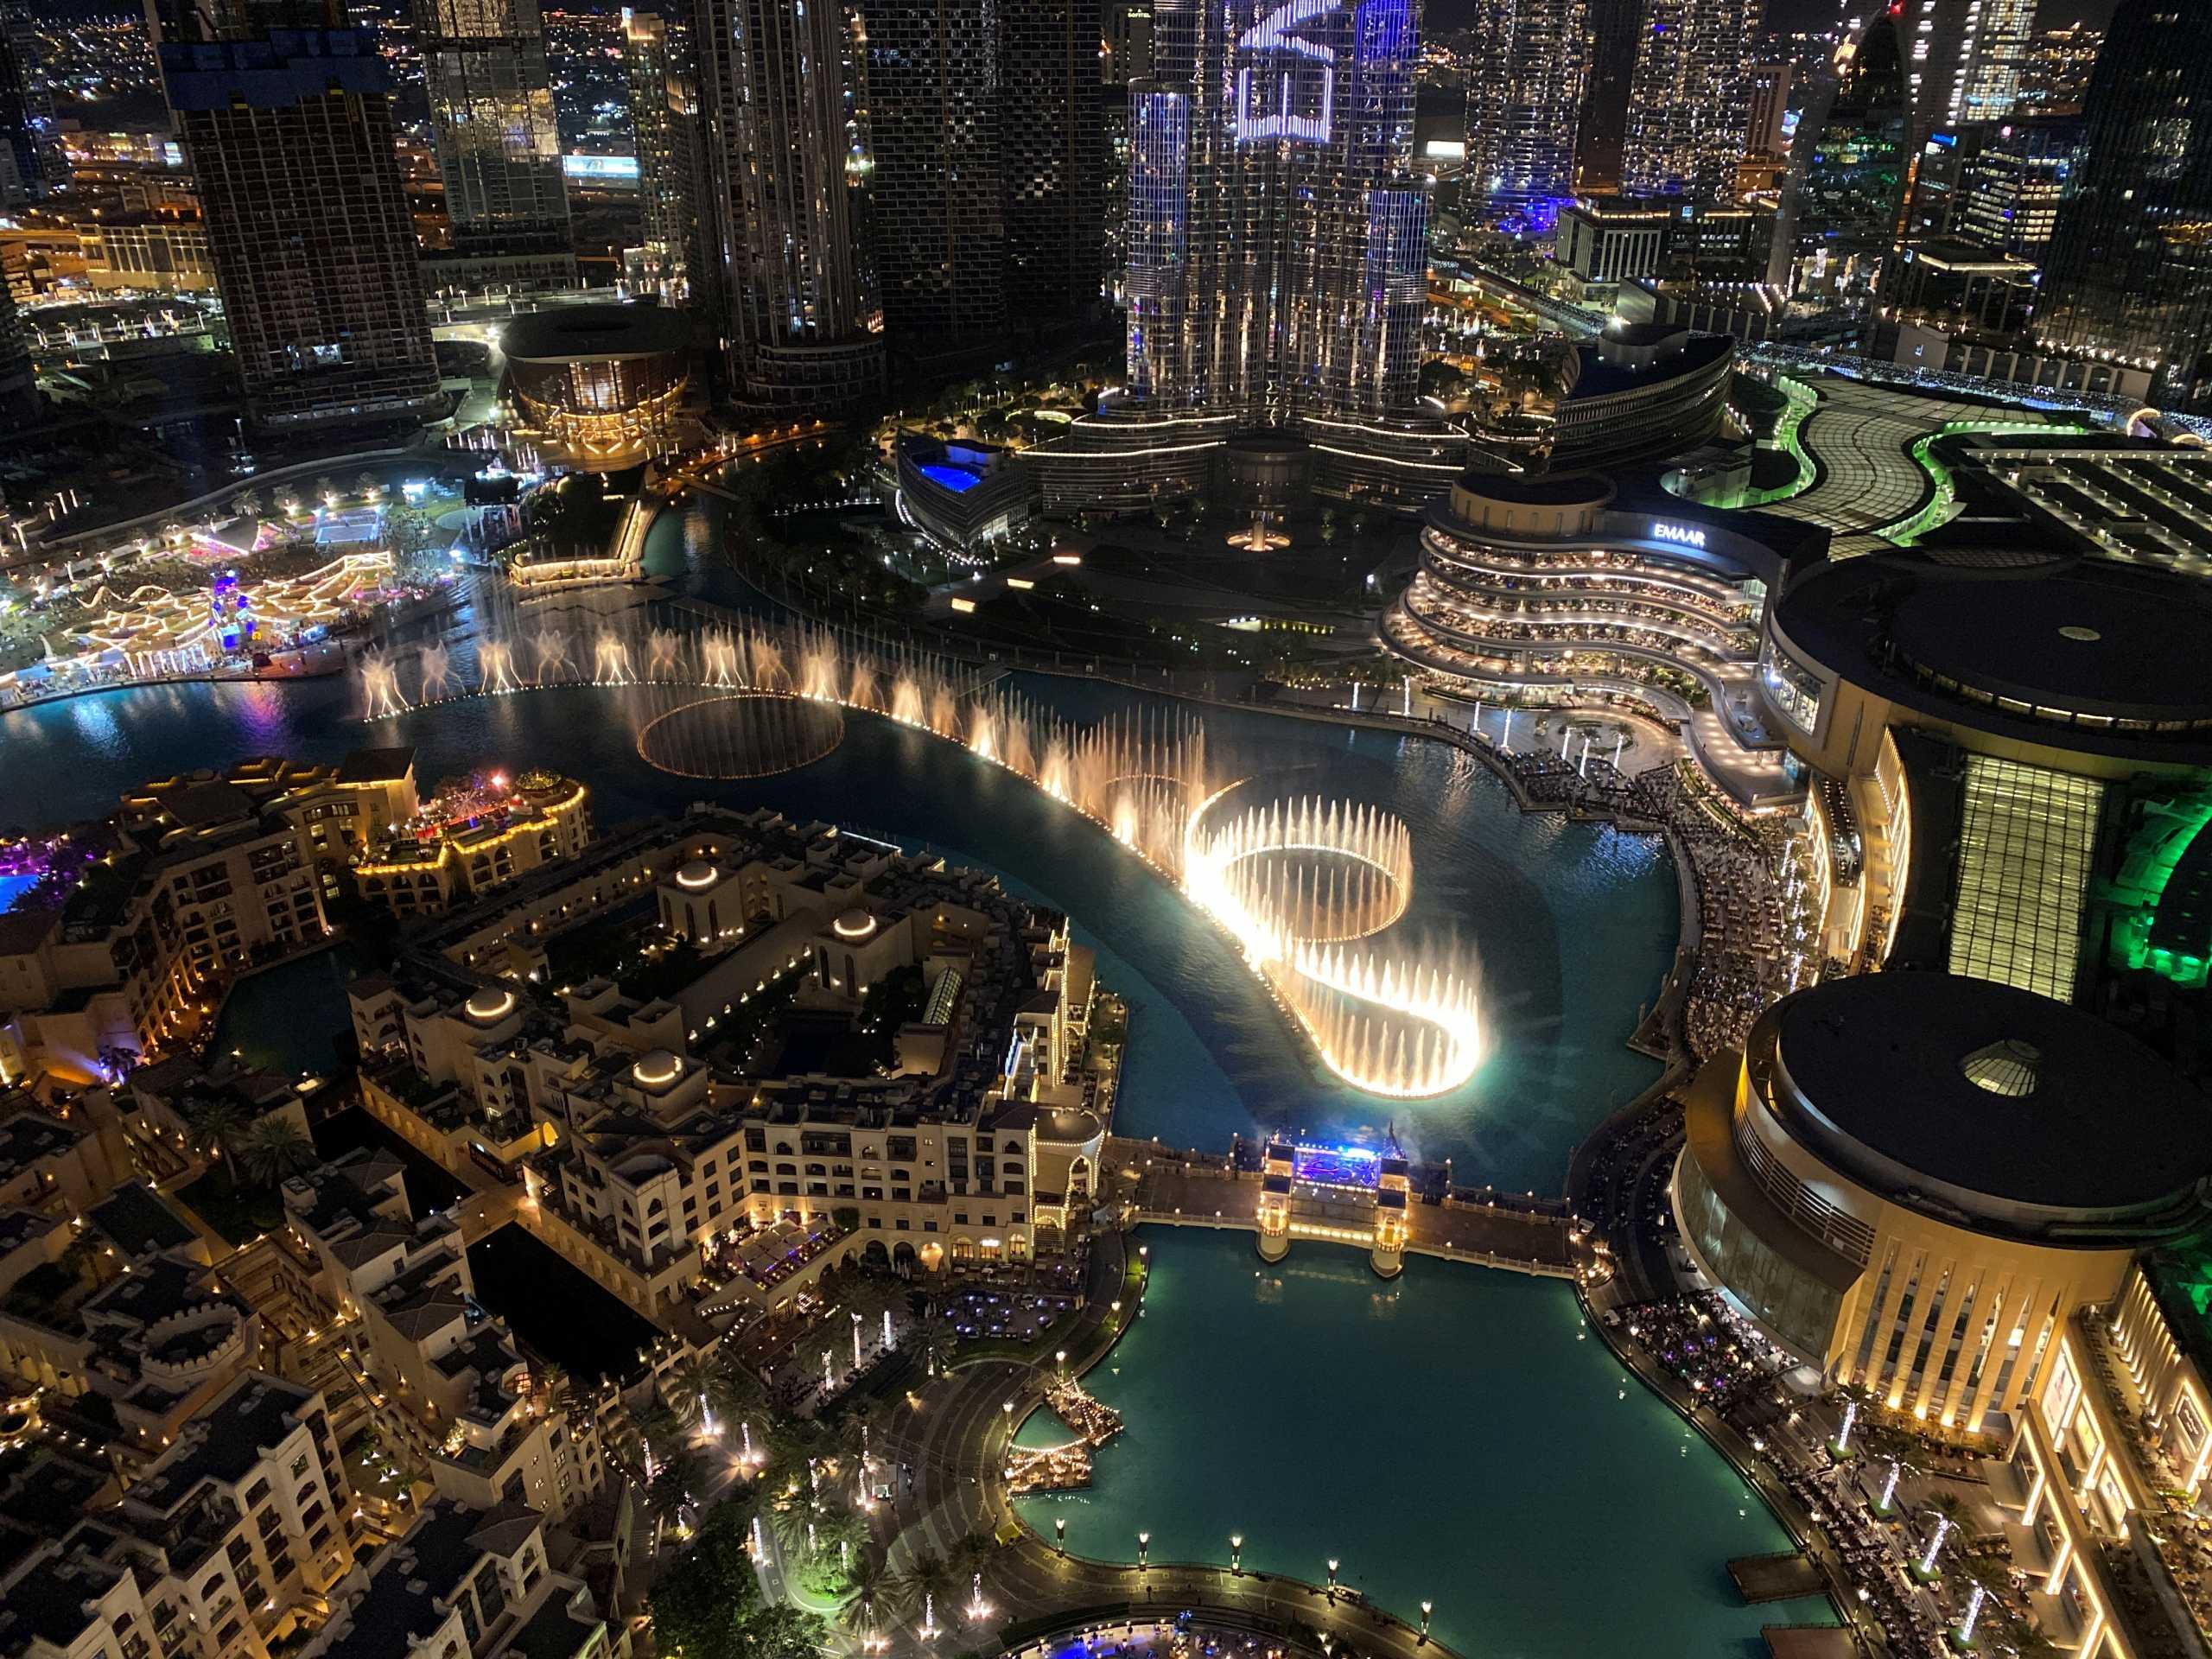 Κορονοϊός: Πρώτο κρούσμα από τους ταξιδιώτες του Ντουμπάι